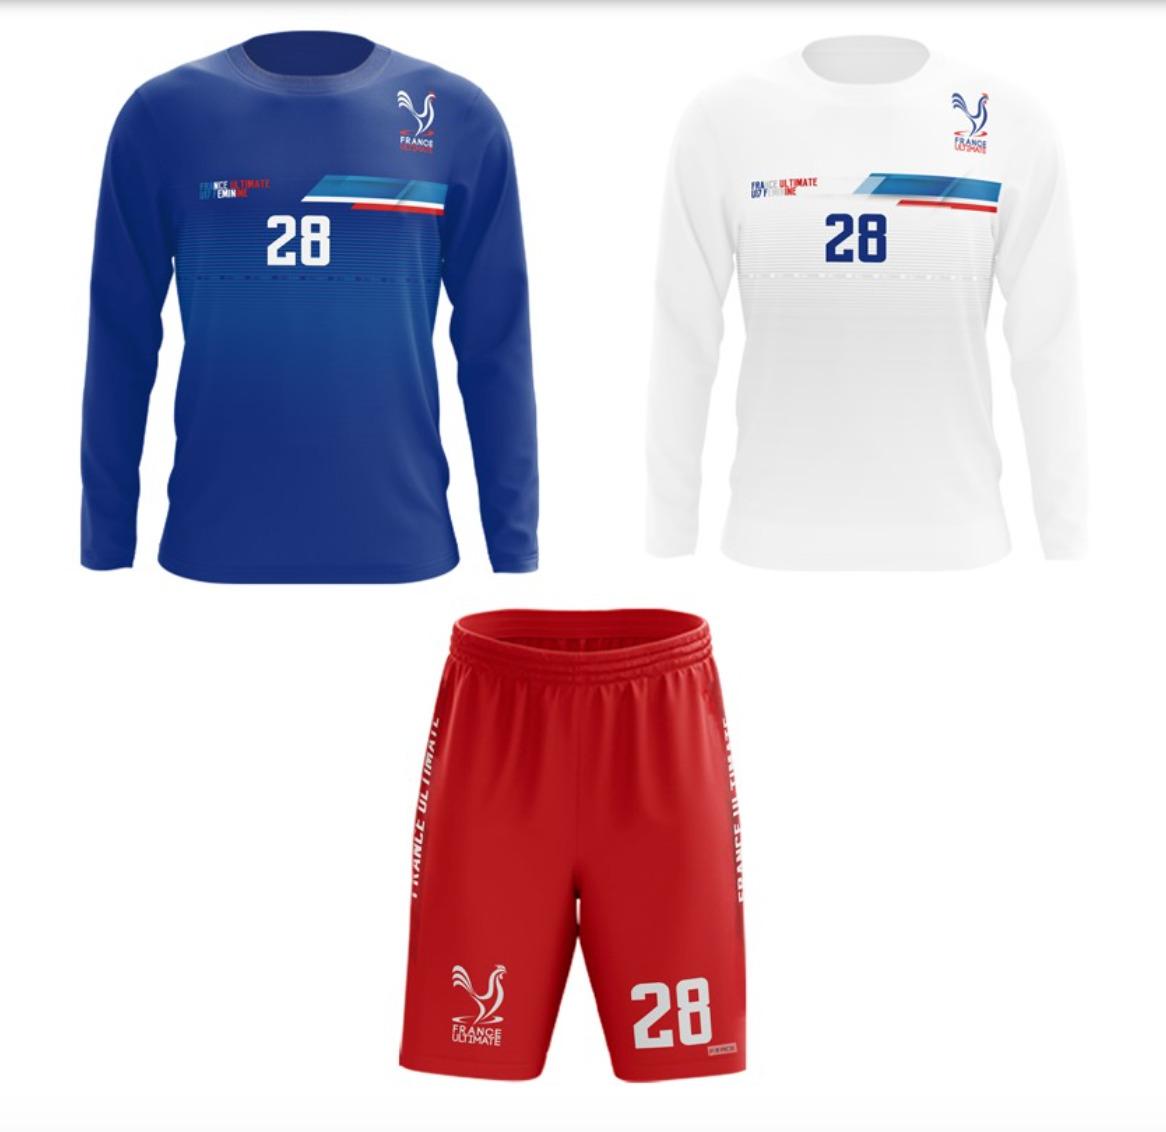 Force Sportswear